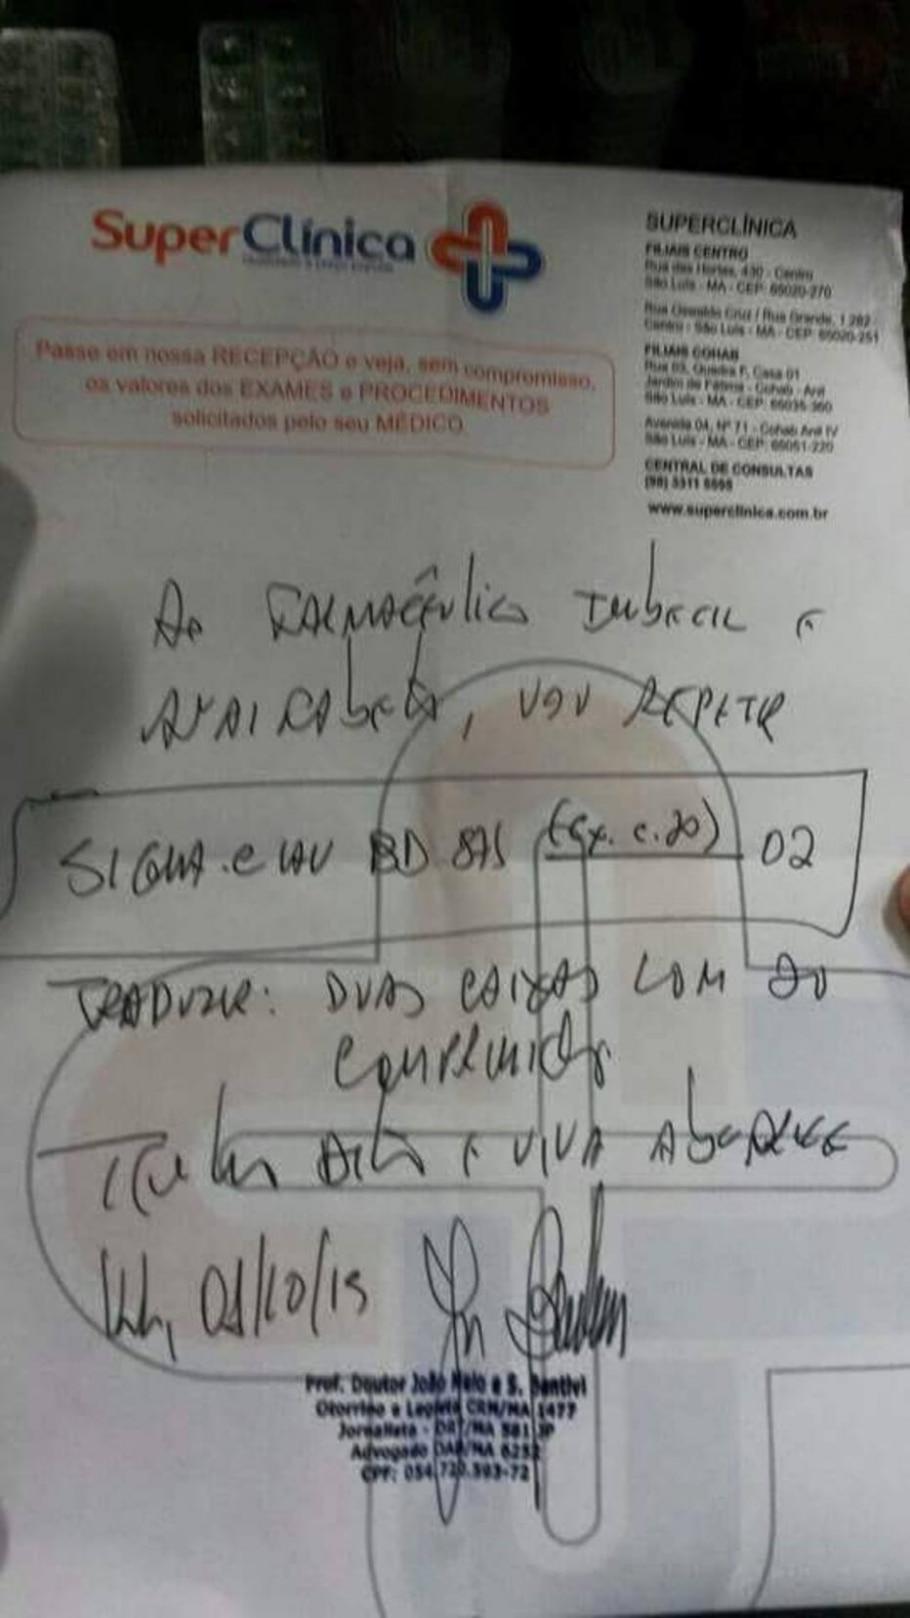 Médico do Maranhão chama farmacêutico de 'imbecil' e 'analfabeto' - Facebook/Reprodução